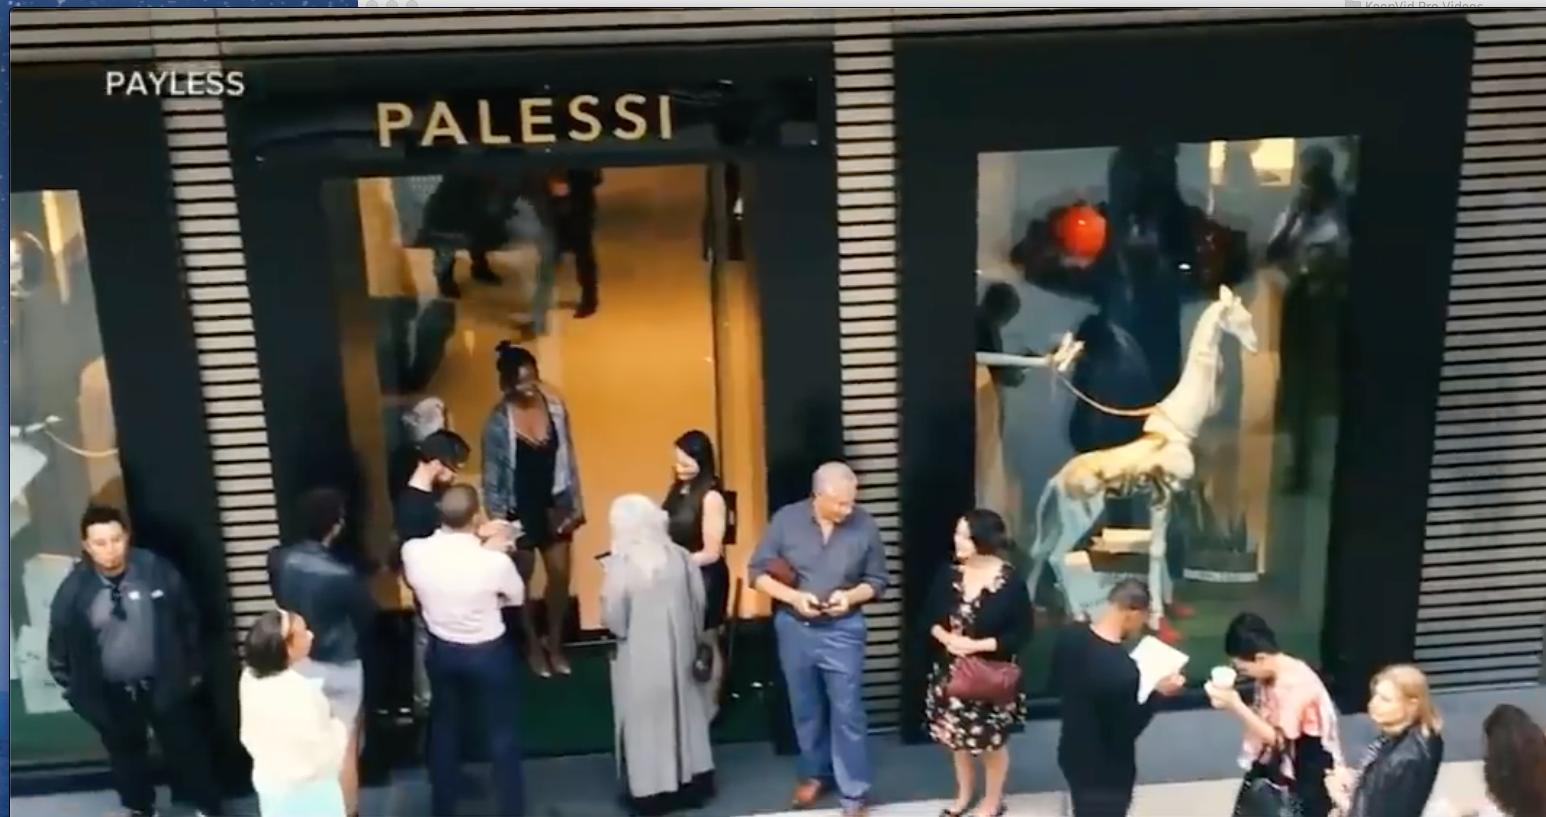 Palessi3